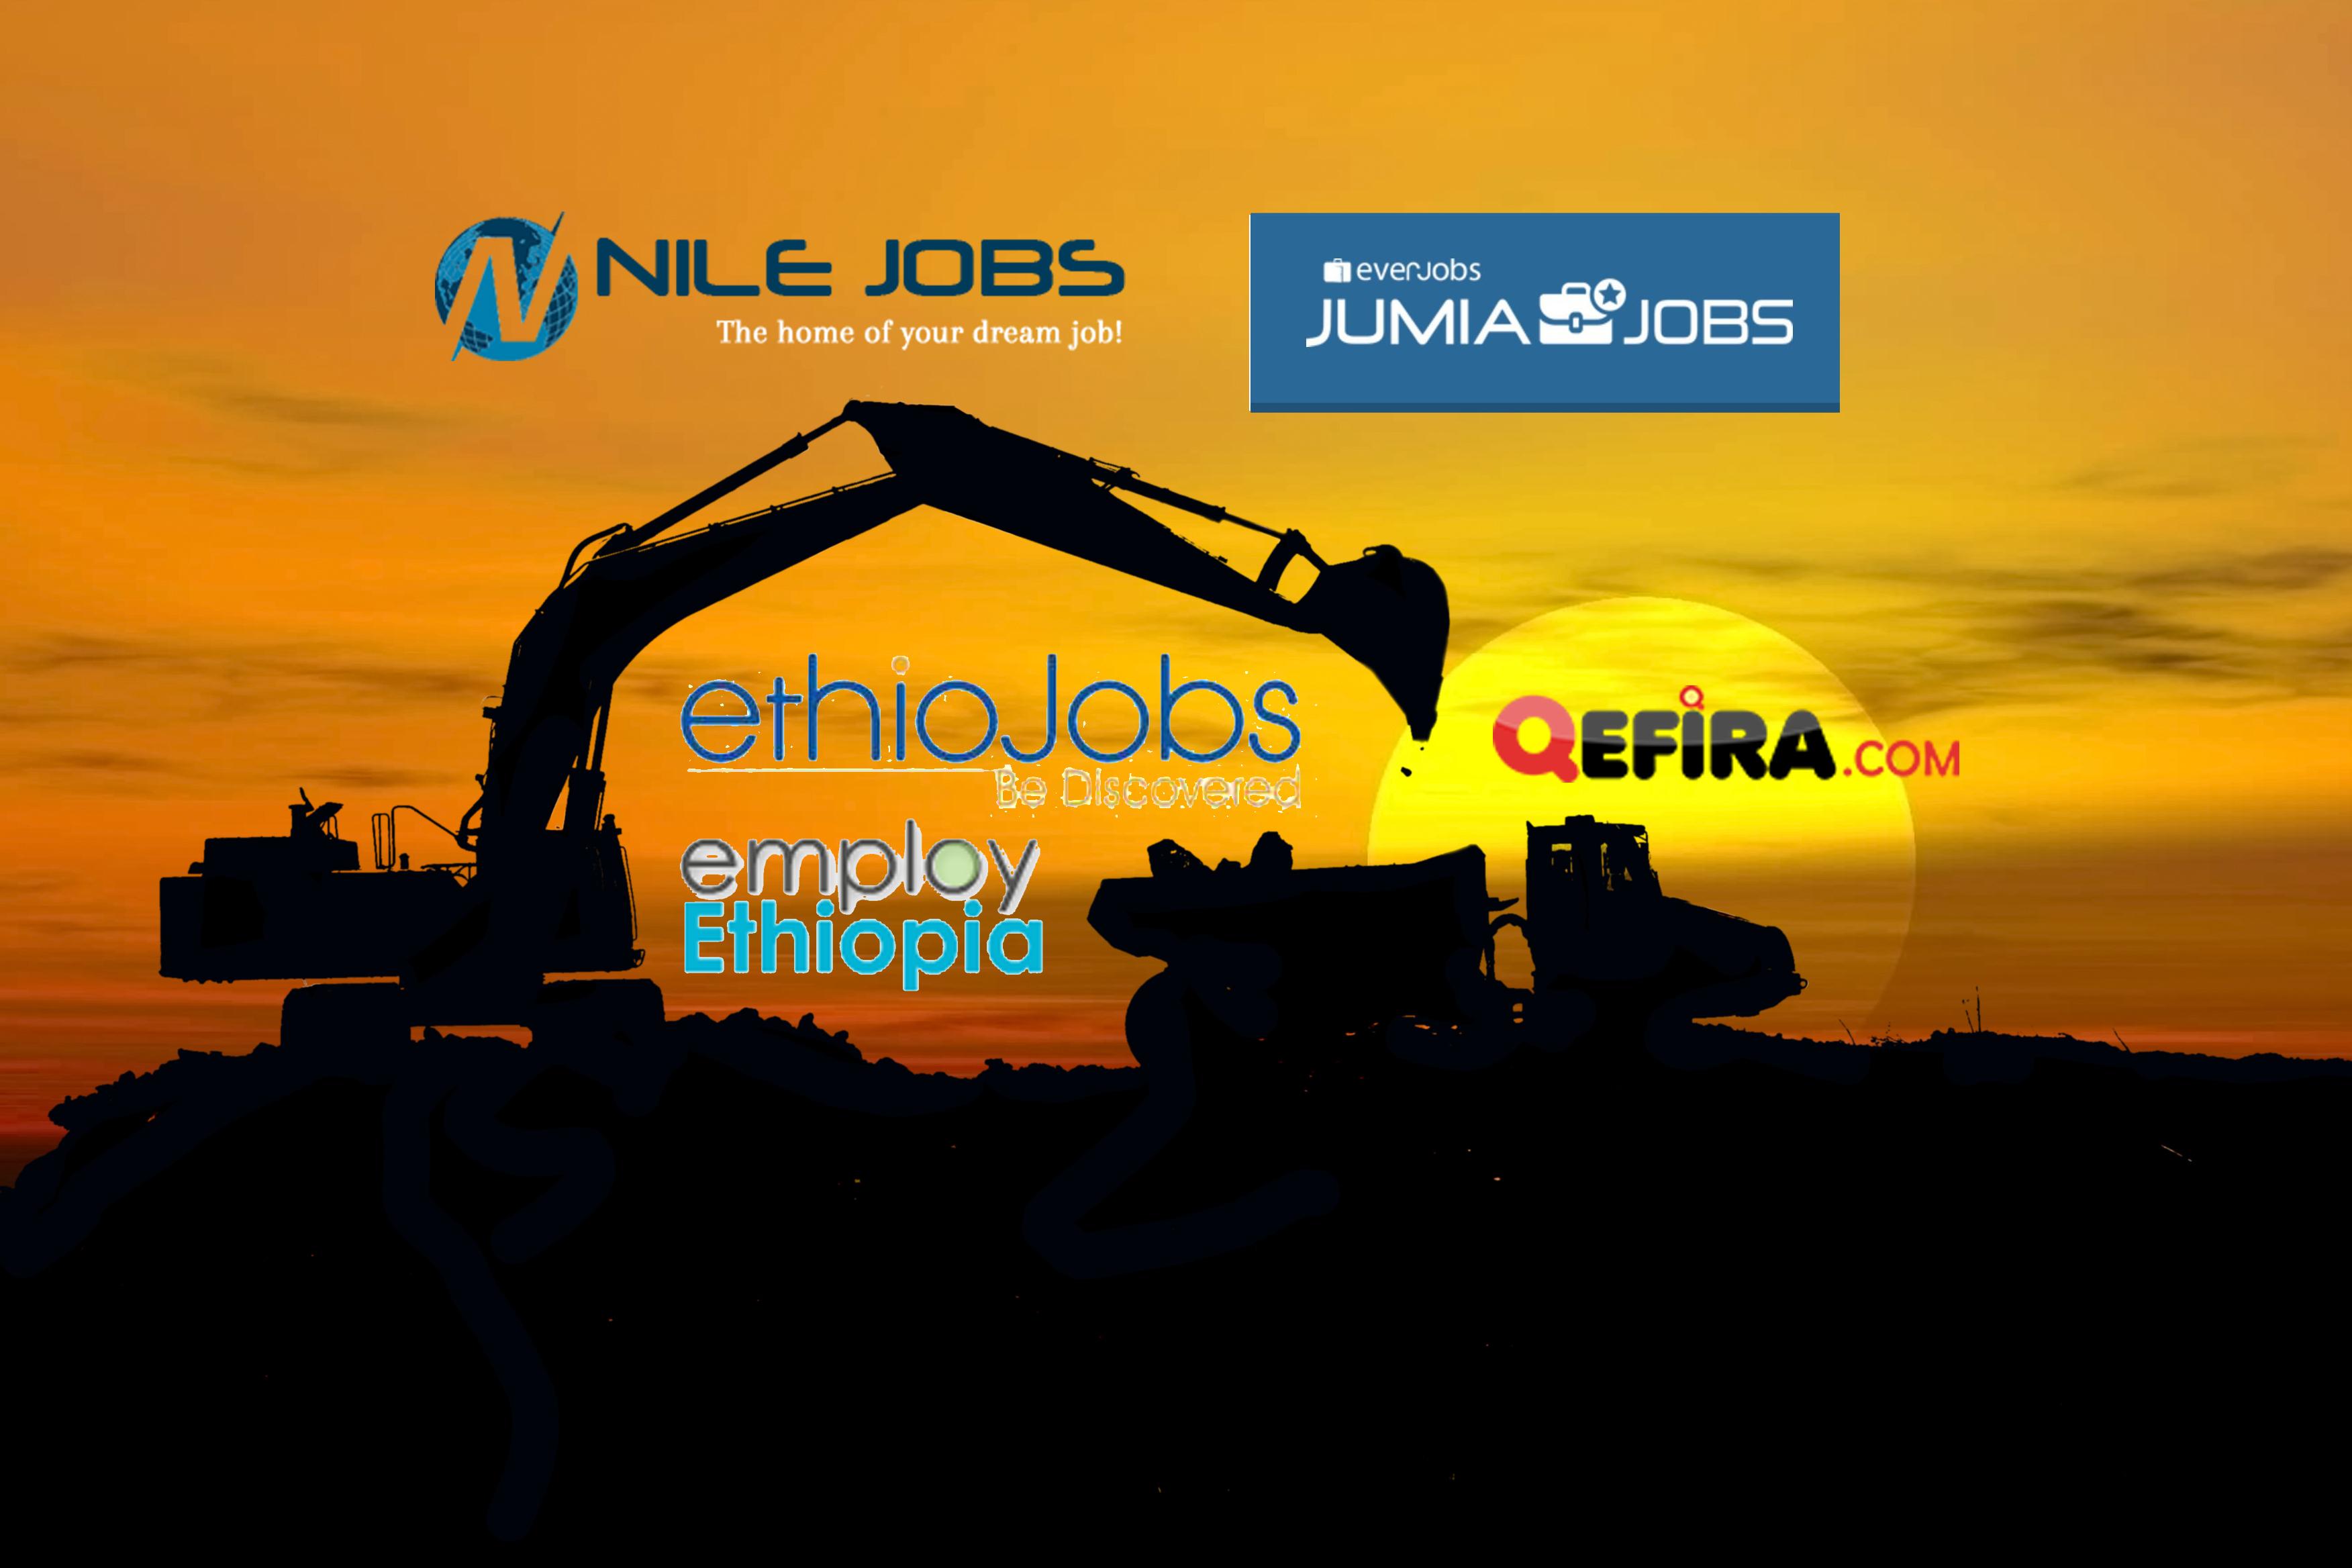 የኢንጂነሪንግ ዘርፍ ክፍት የስራ ቦታዎች | Engineering Jobs